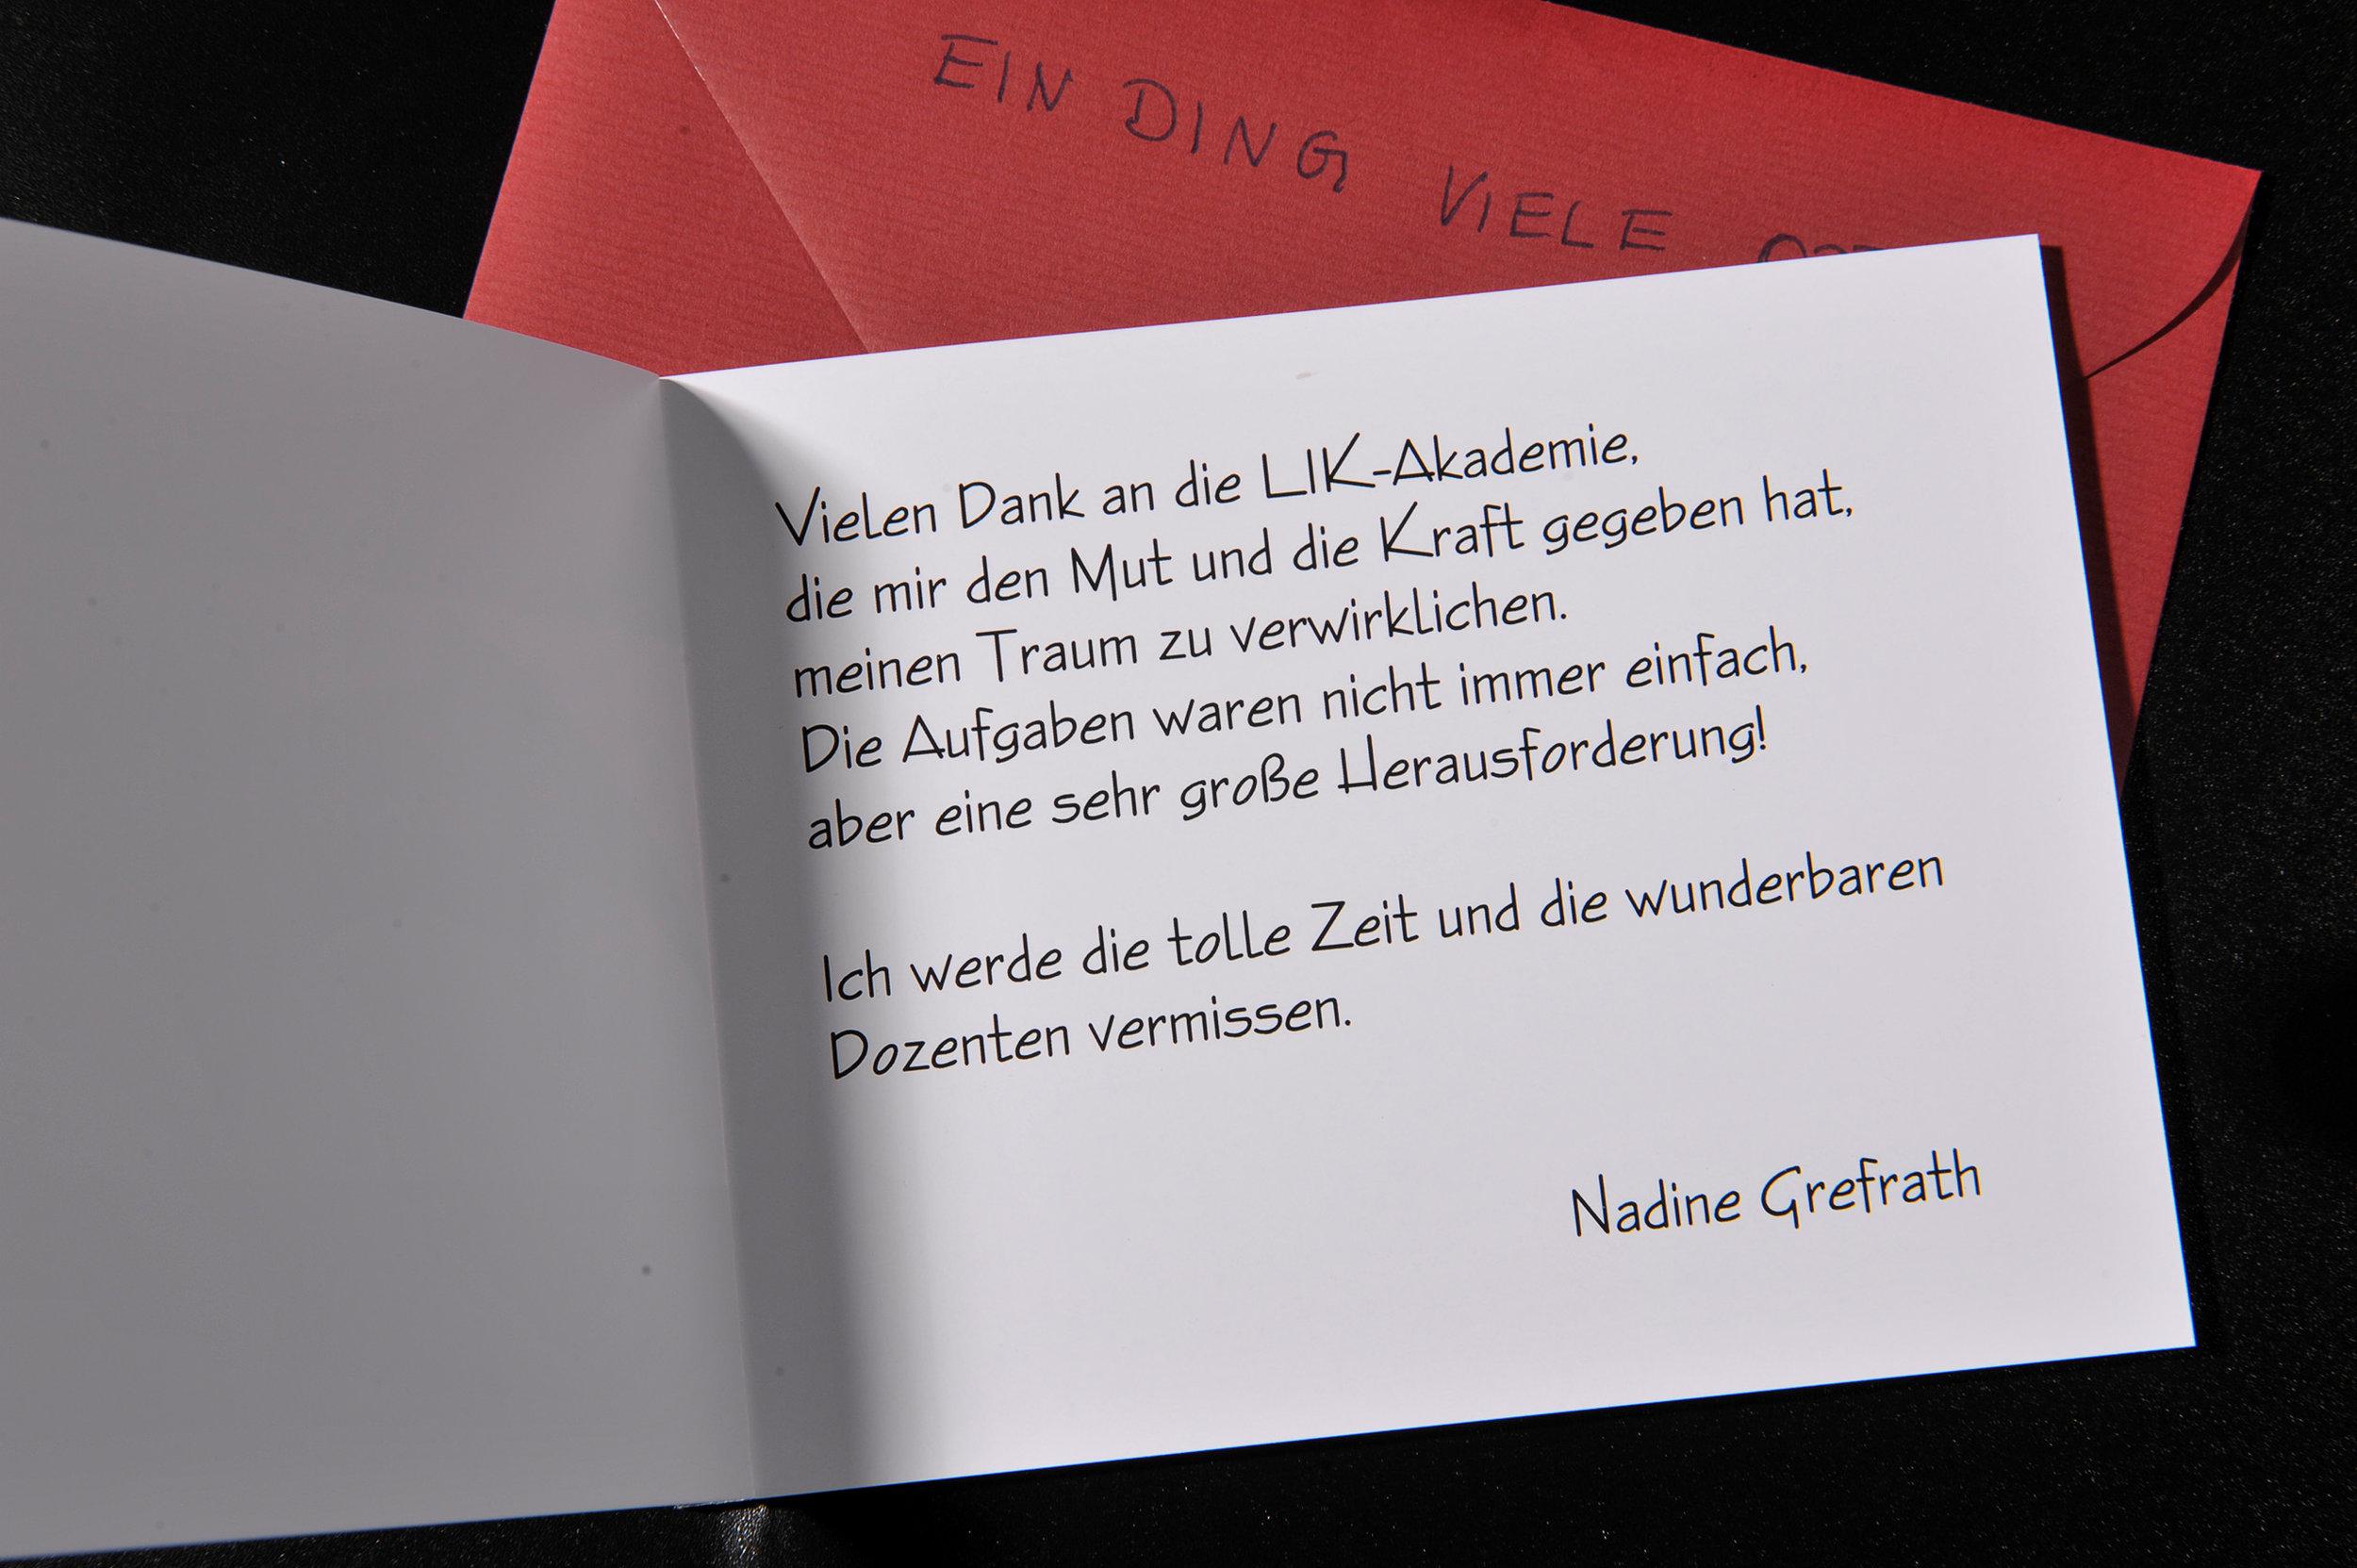 nadine_grefrath002.jpg